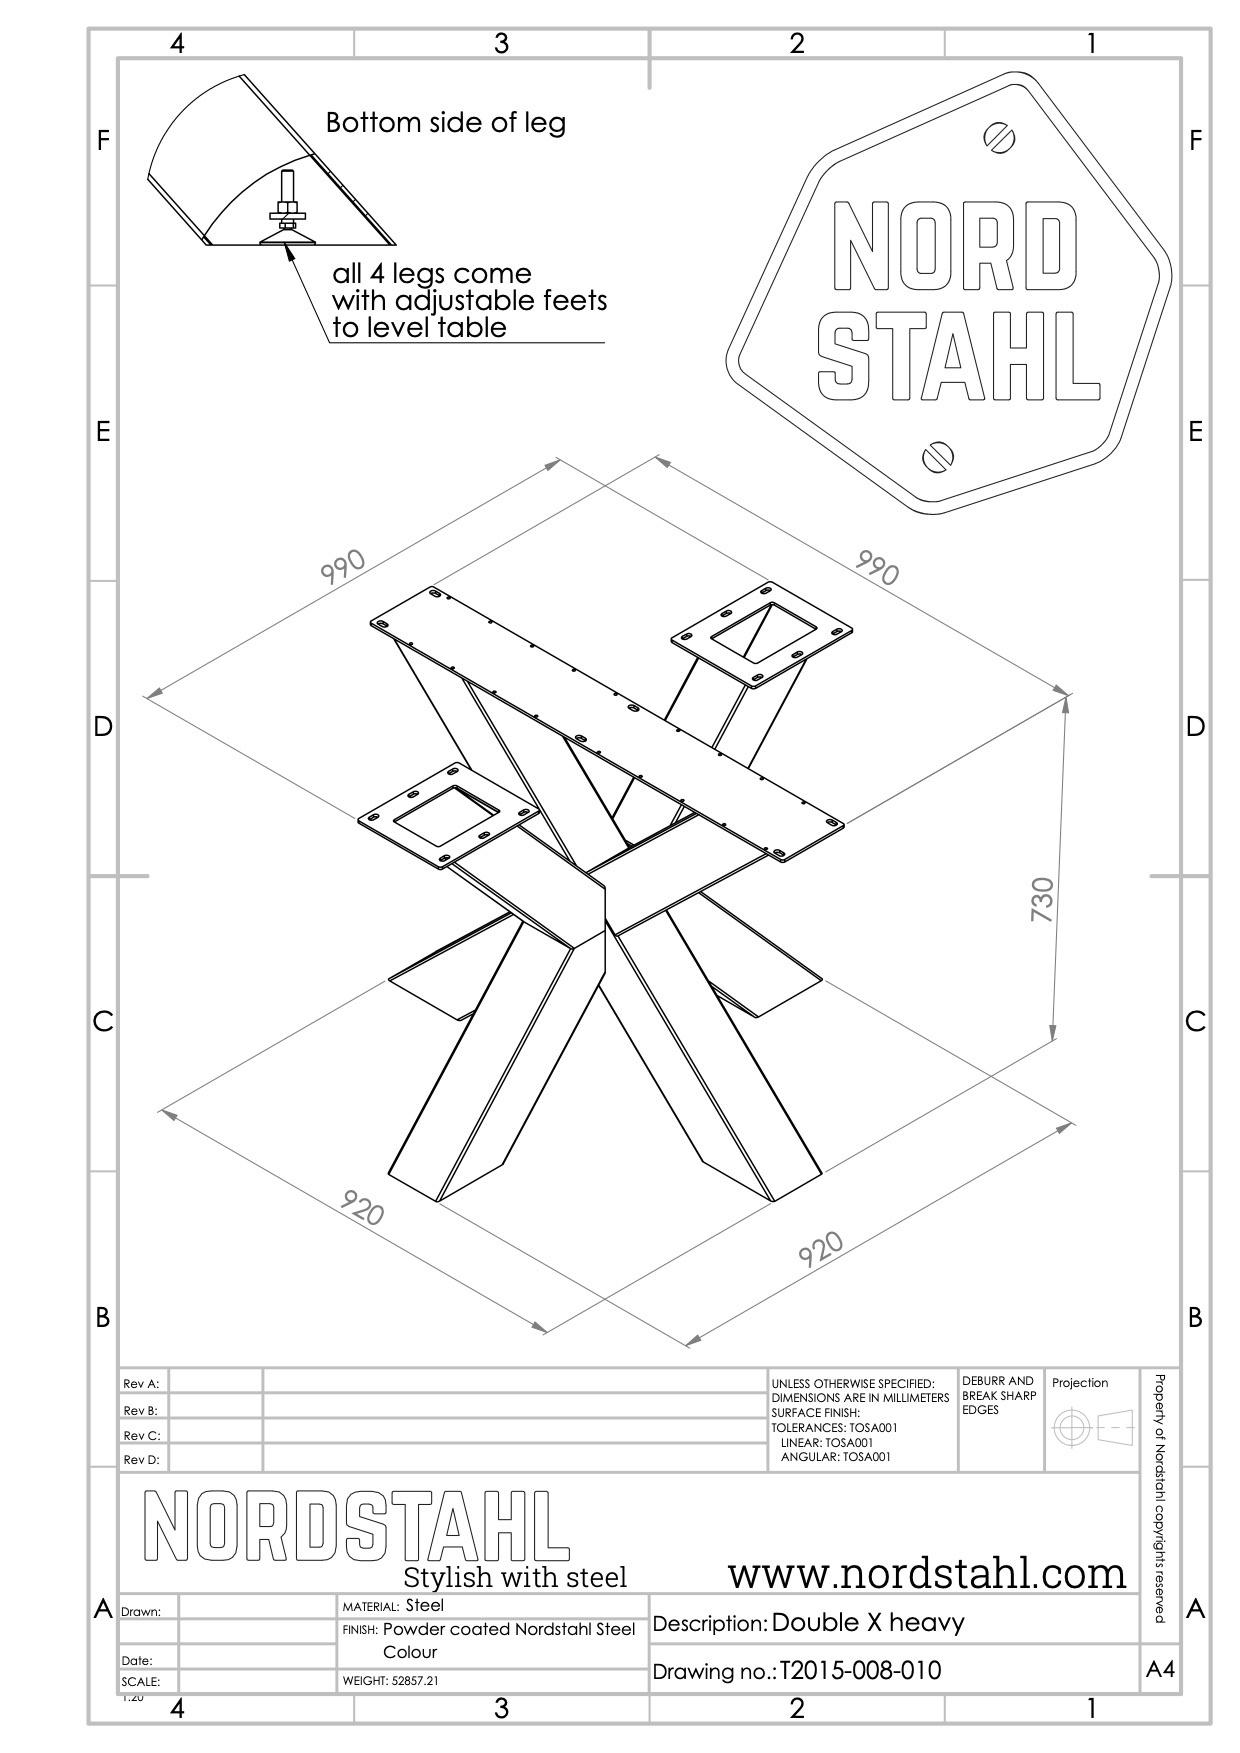 Nordstahl Double X leg heavy technische tekening